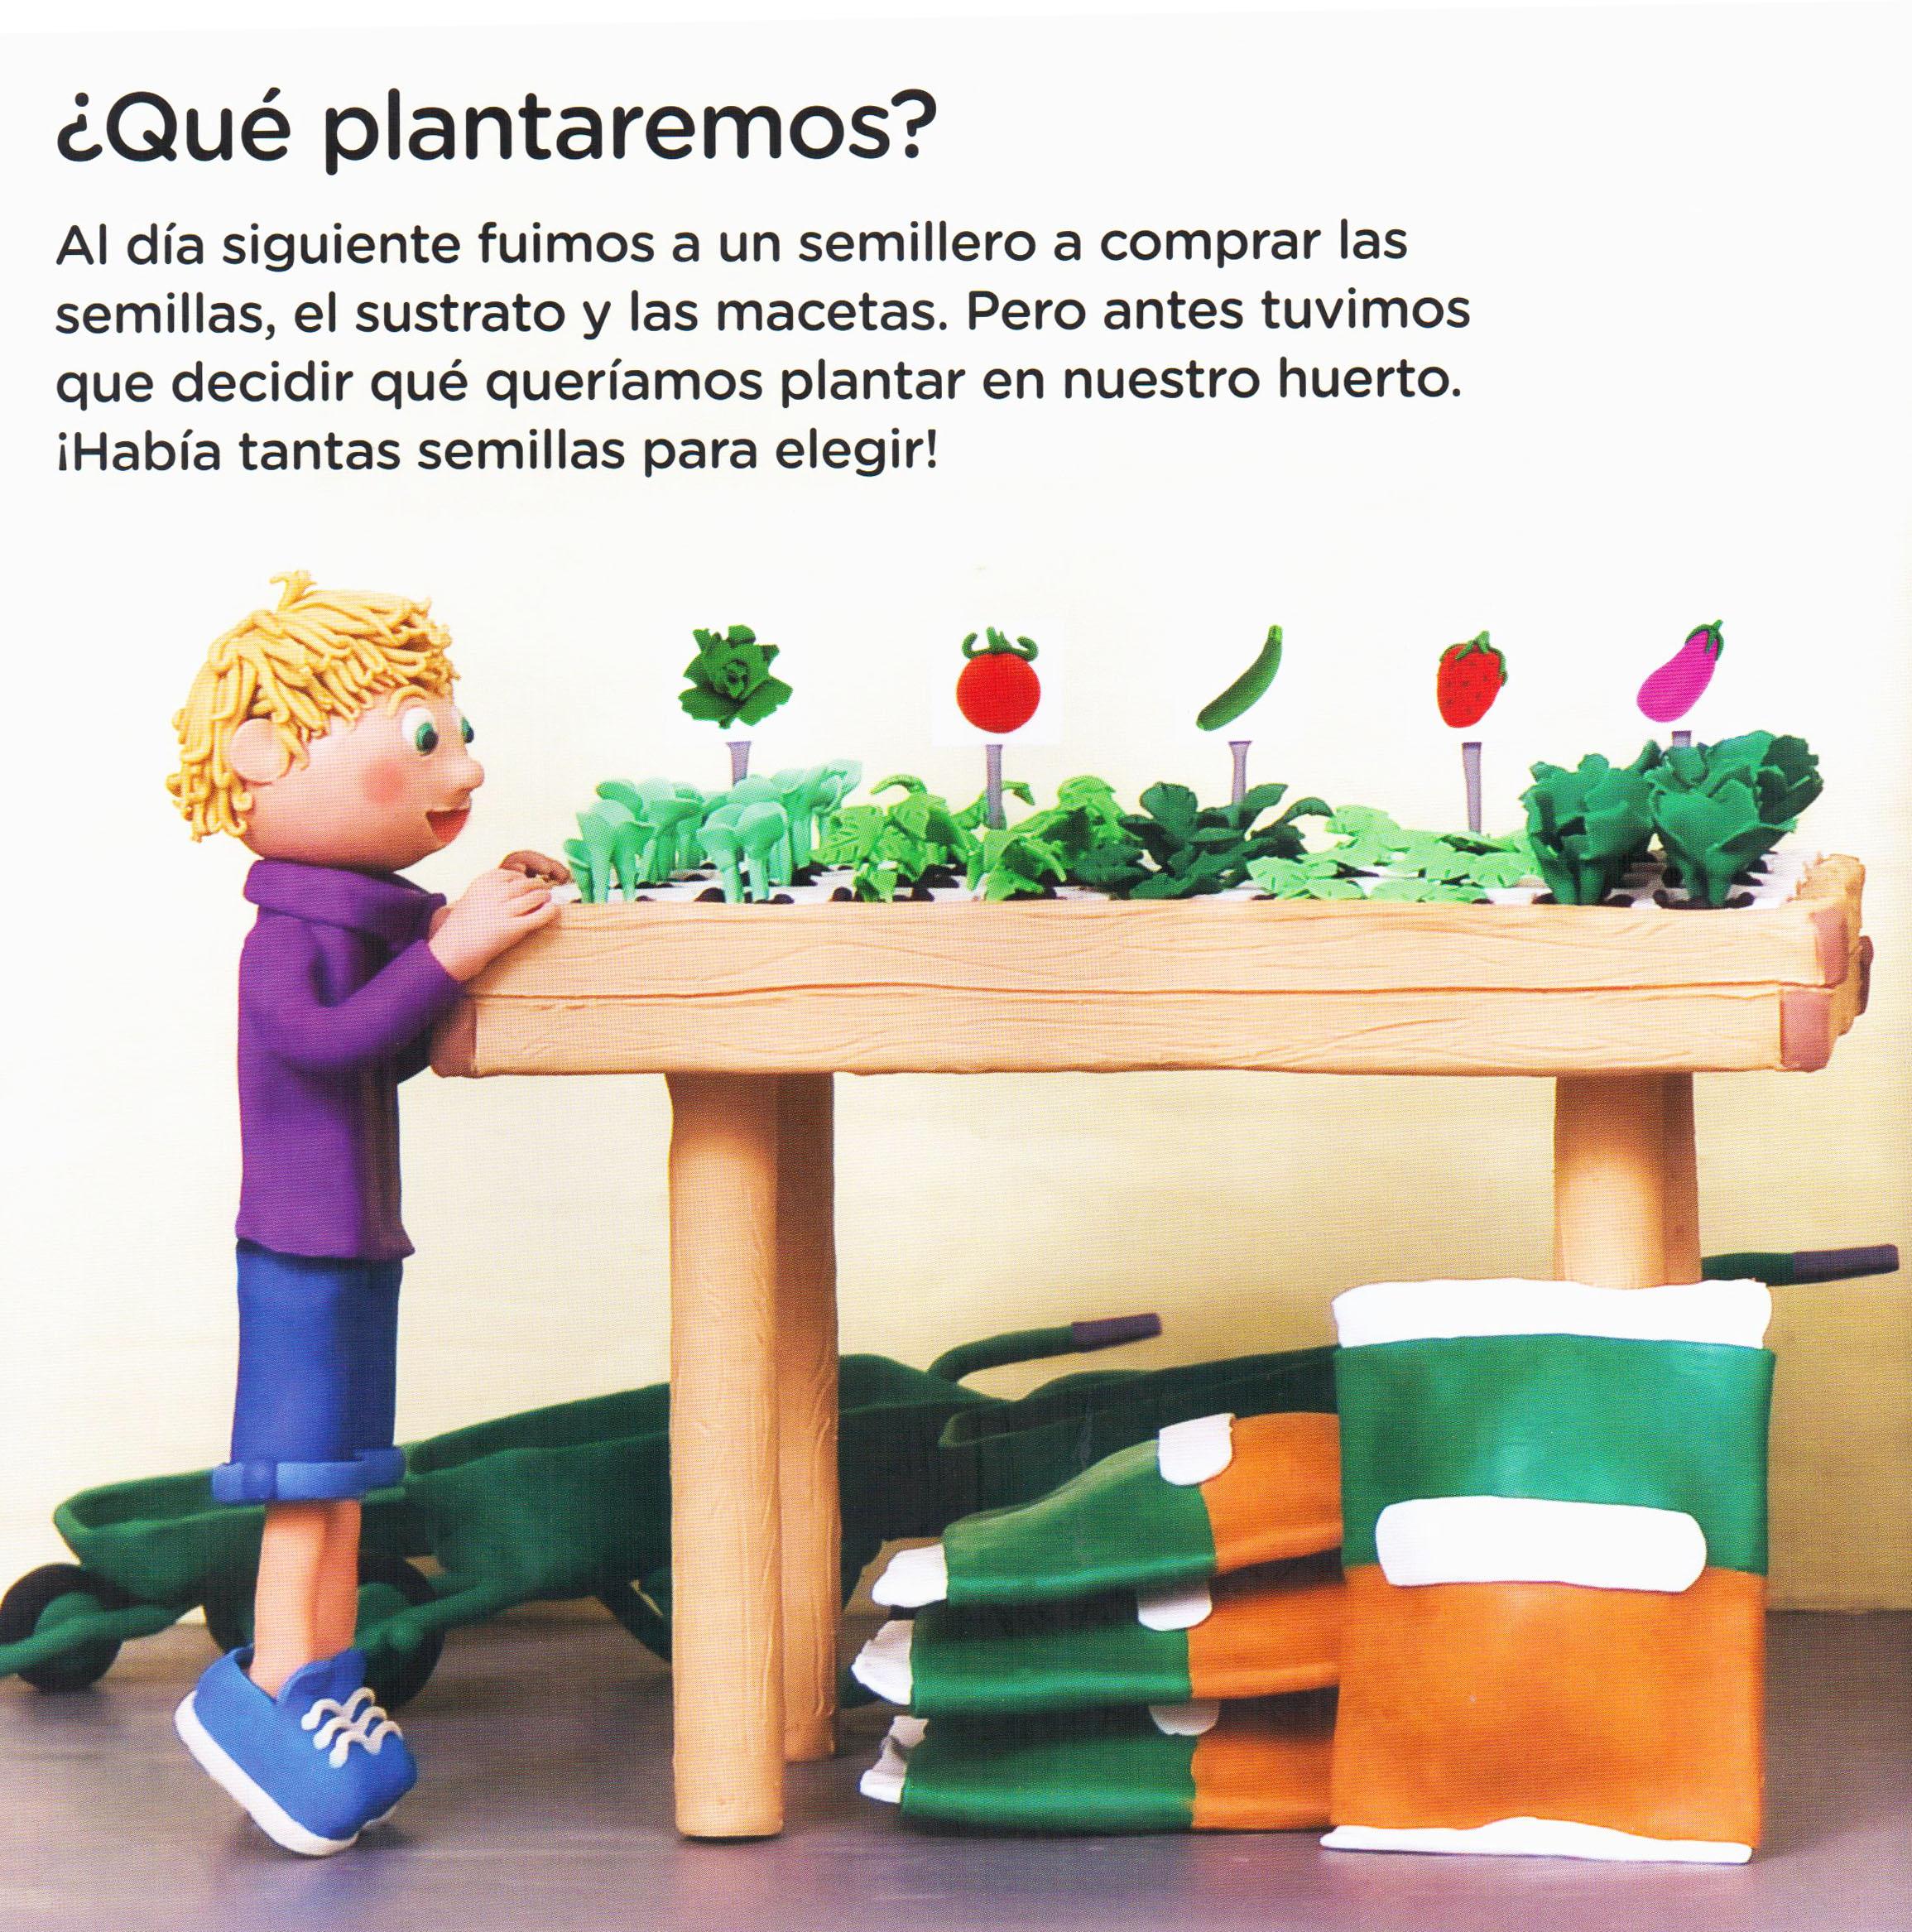 Huerto en casa macetas image ideas para crear un huerto - Huerto en casa macetas ...